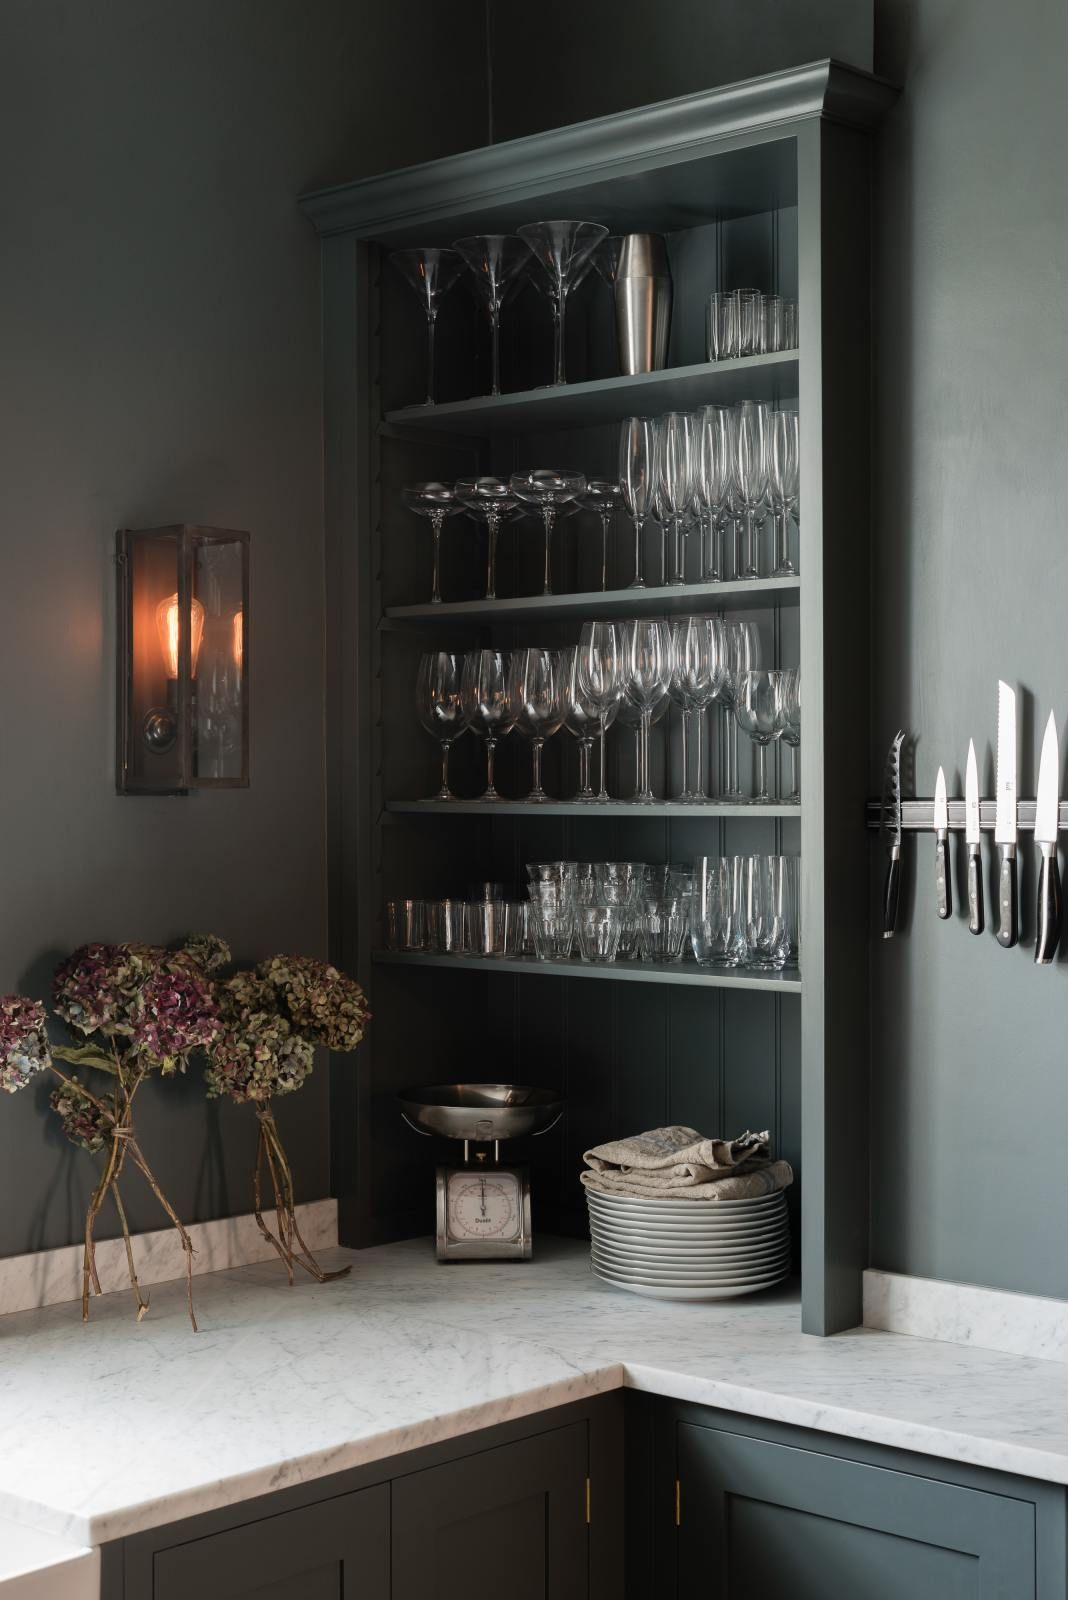 The Bloomsbury Kitchen Devol Kitchens Kitchen Cabinet Storage Devol Kitchens Home Kitchens